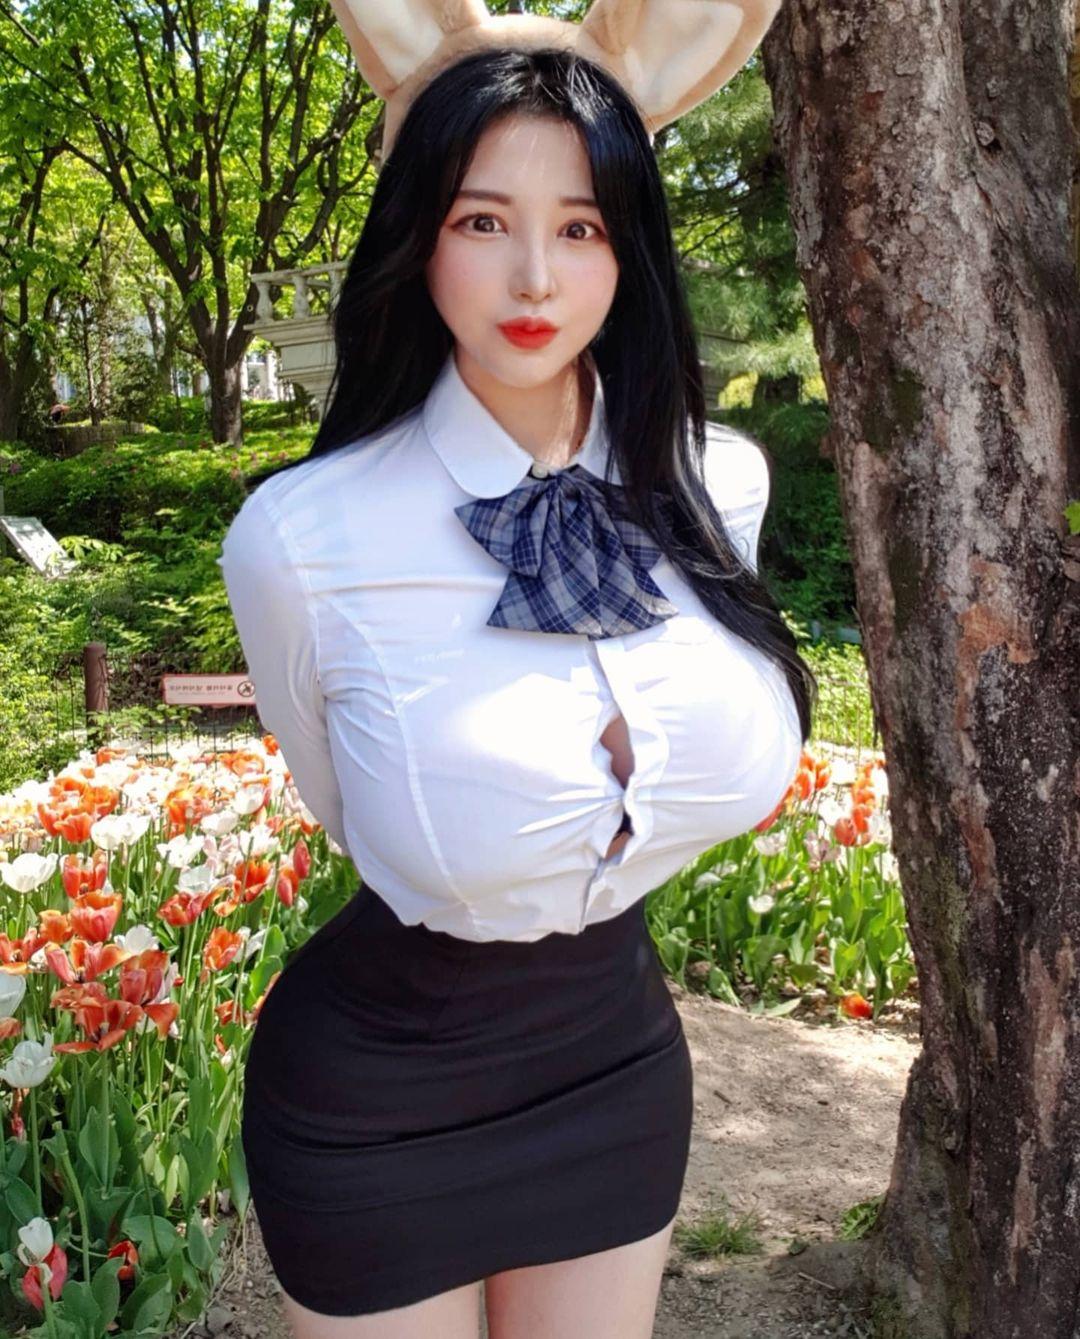 Người đẹp Hàn Quốc bị chỉ trích vì mặc đồng phục bung cúc - 1